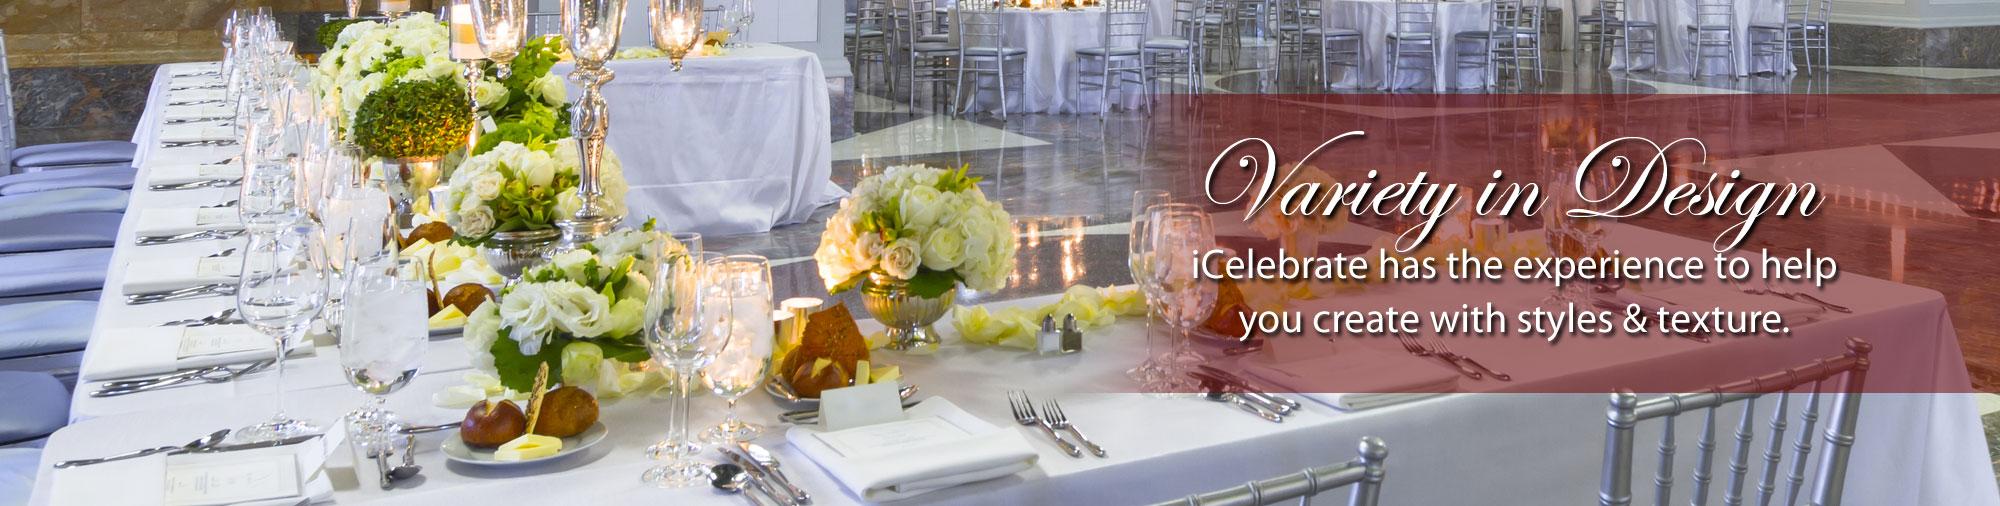 party u0026 event rentals icelebrateevents com san jose ca